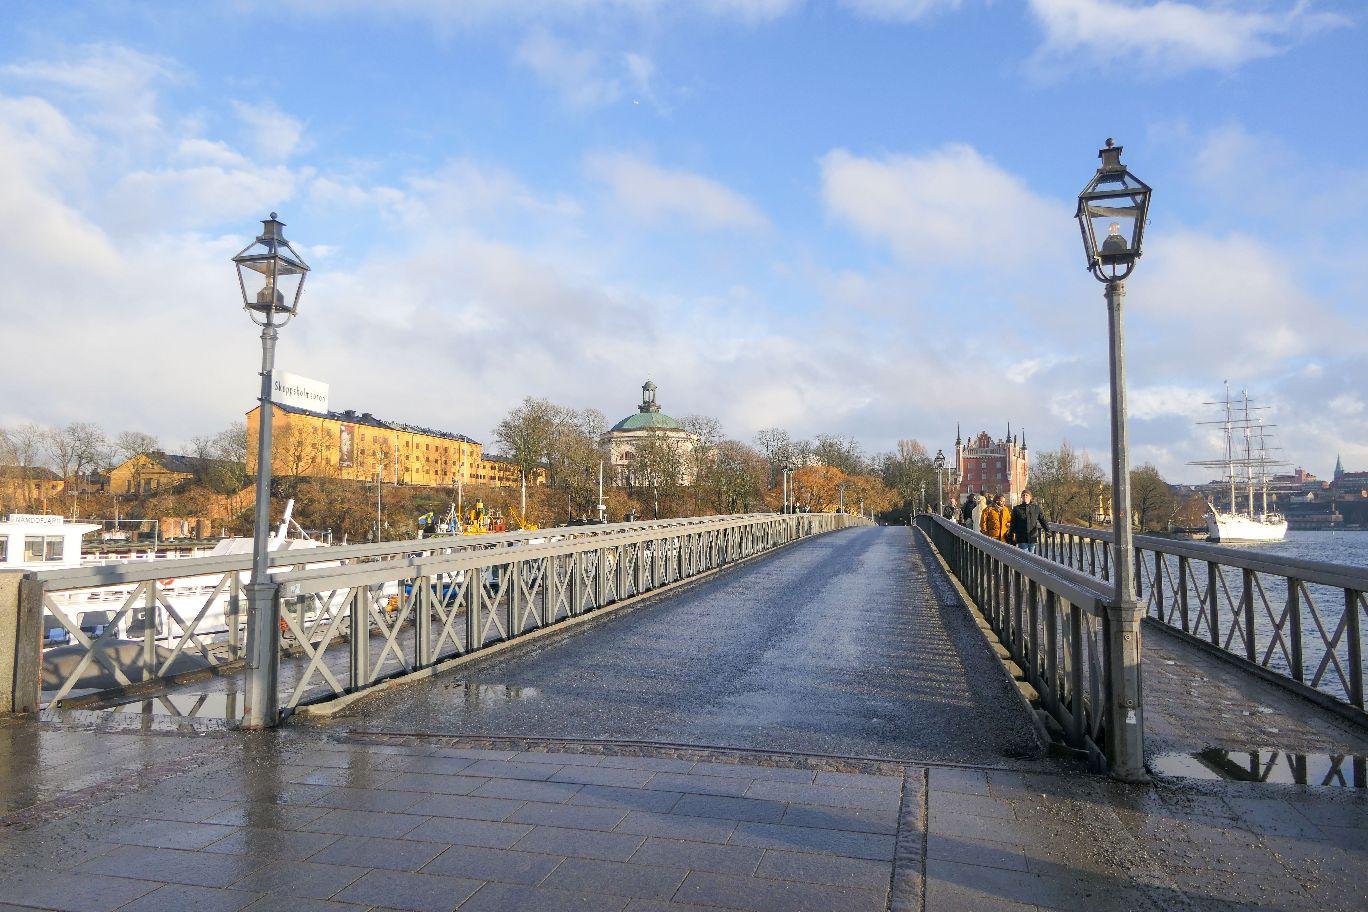 Stockholm Schweden Skeppsholmen Skeppsholmsbron